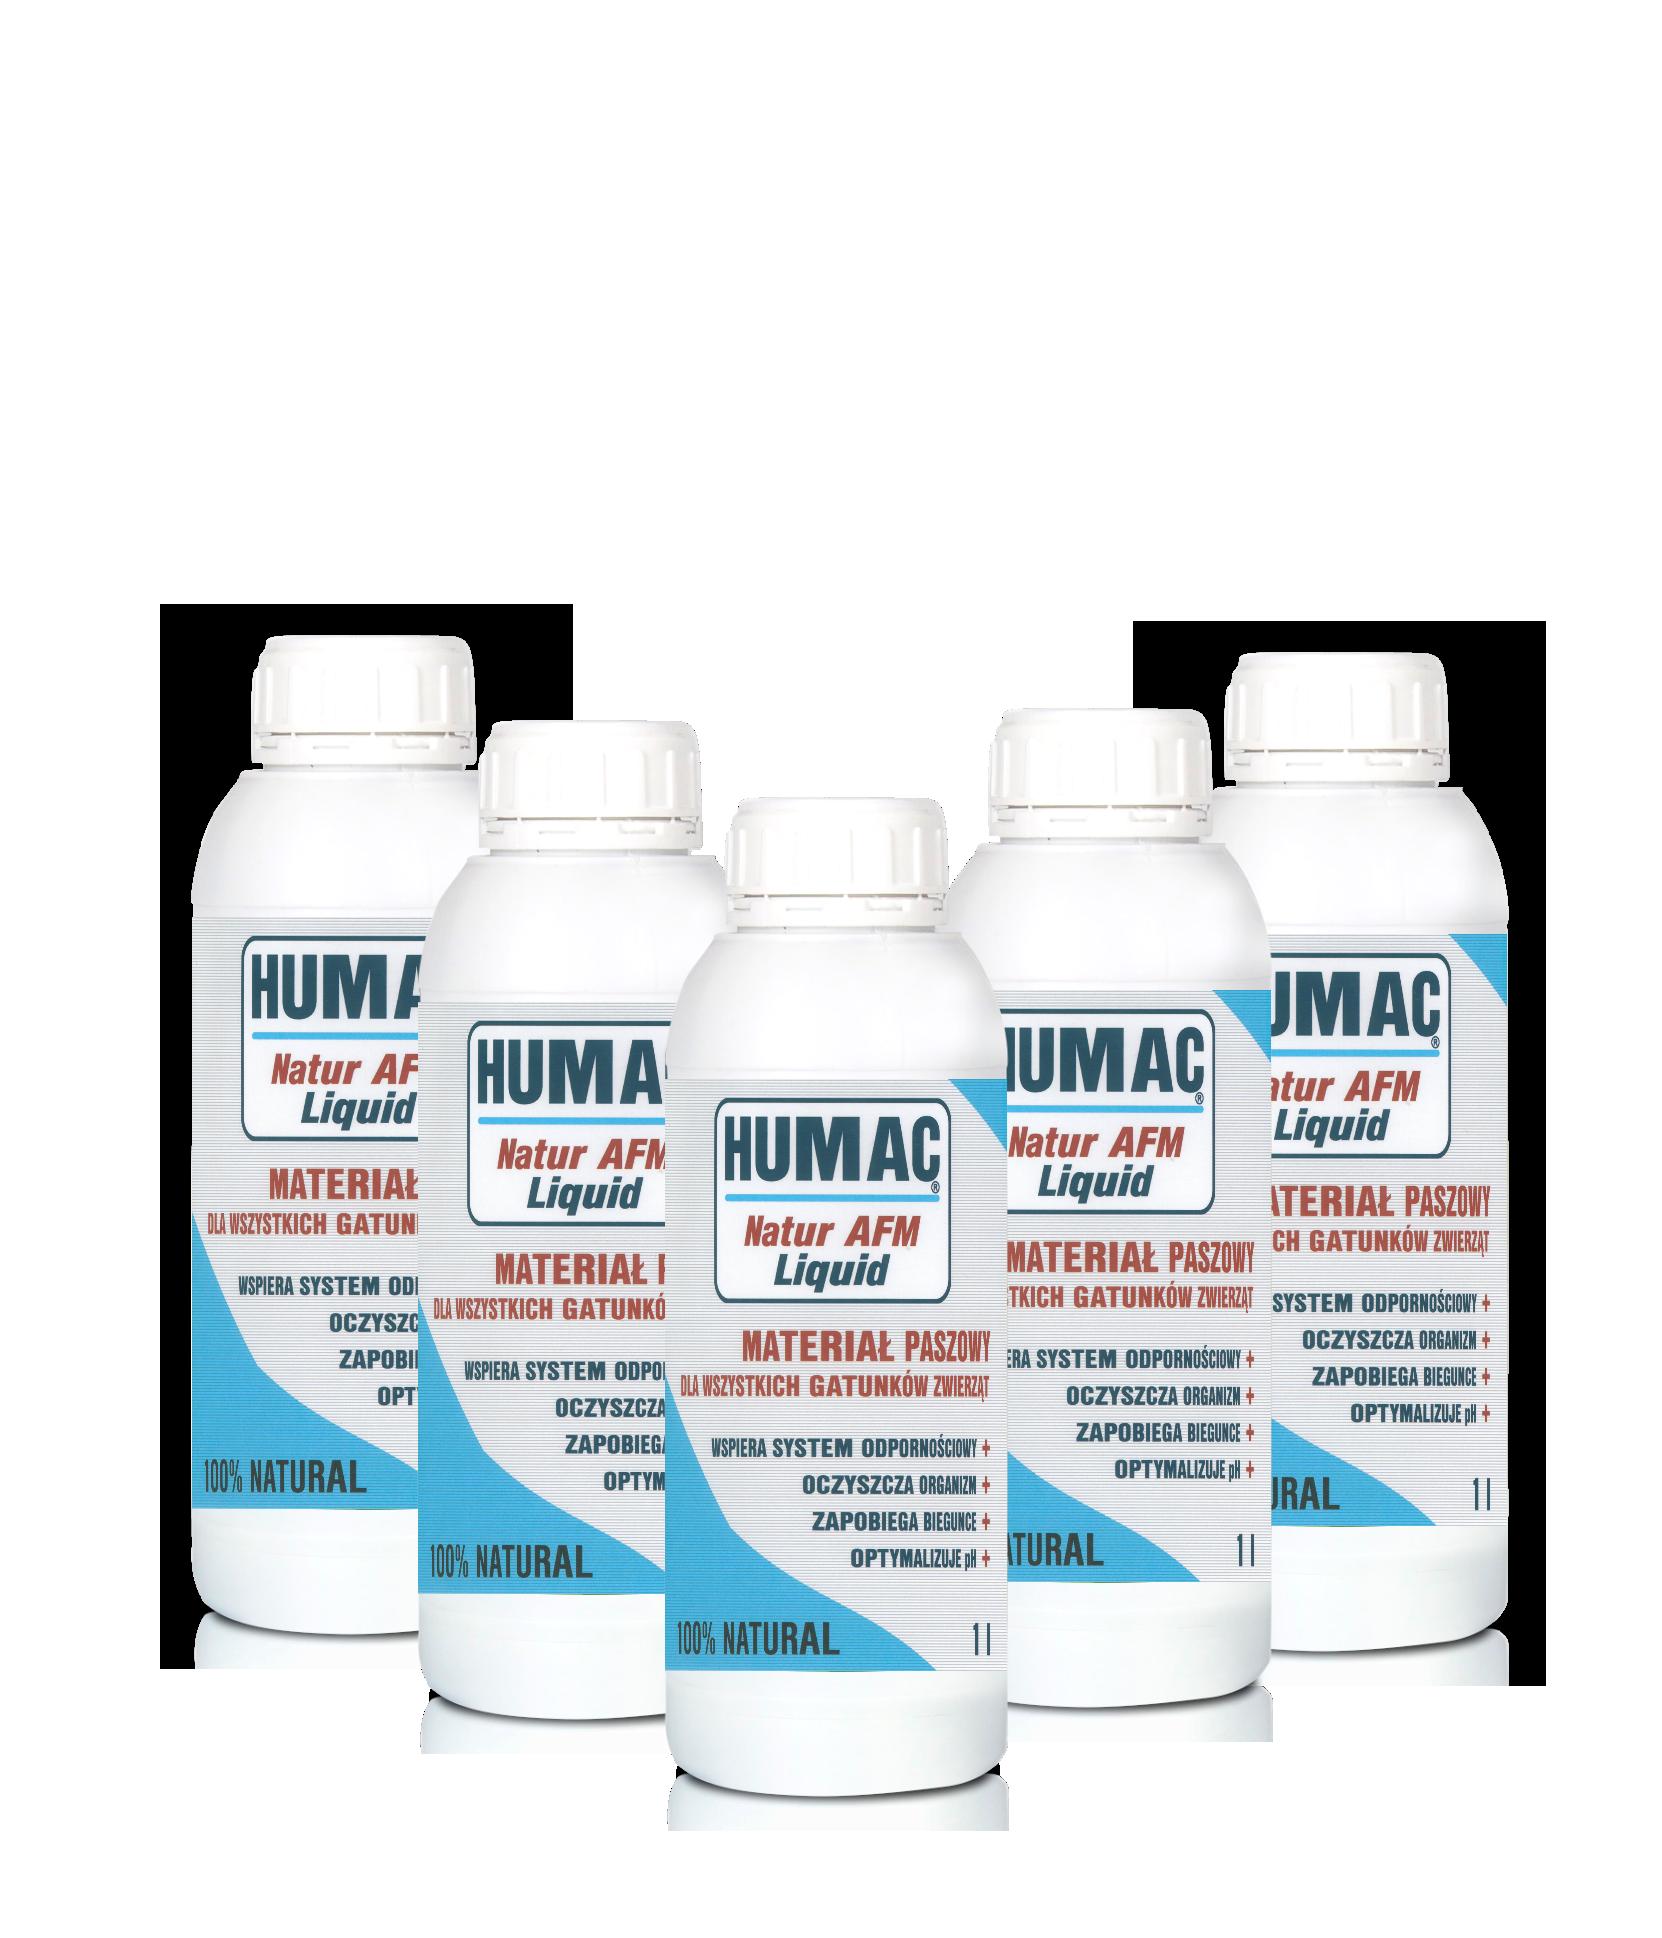 Humac Natur AFM Liquid